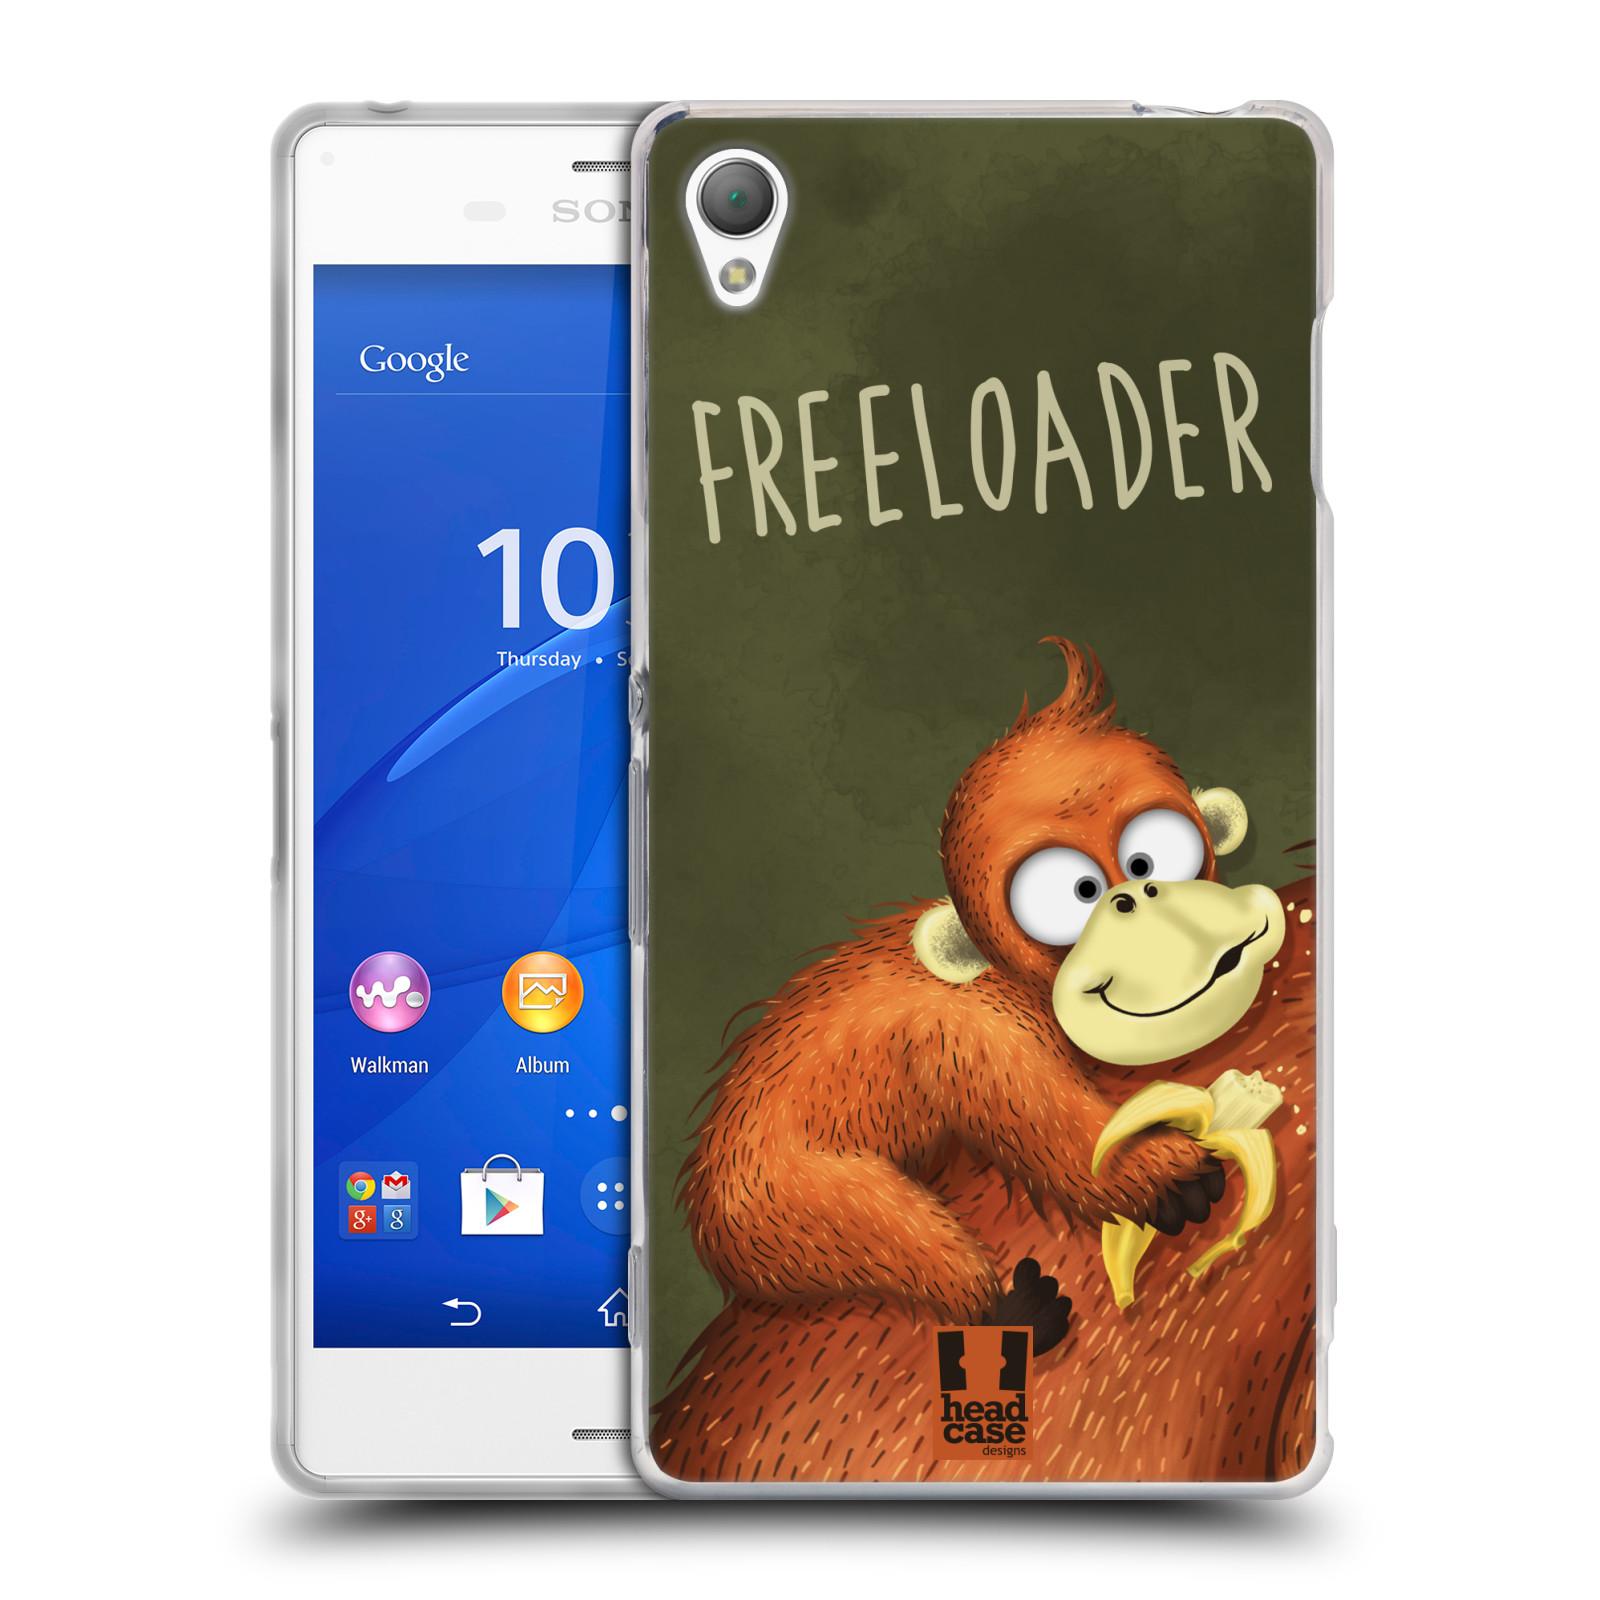 Silikonové pouzdro na mobil Sony Xperia Z3 D6603 HEAD CASE Opičák Freeloader